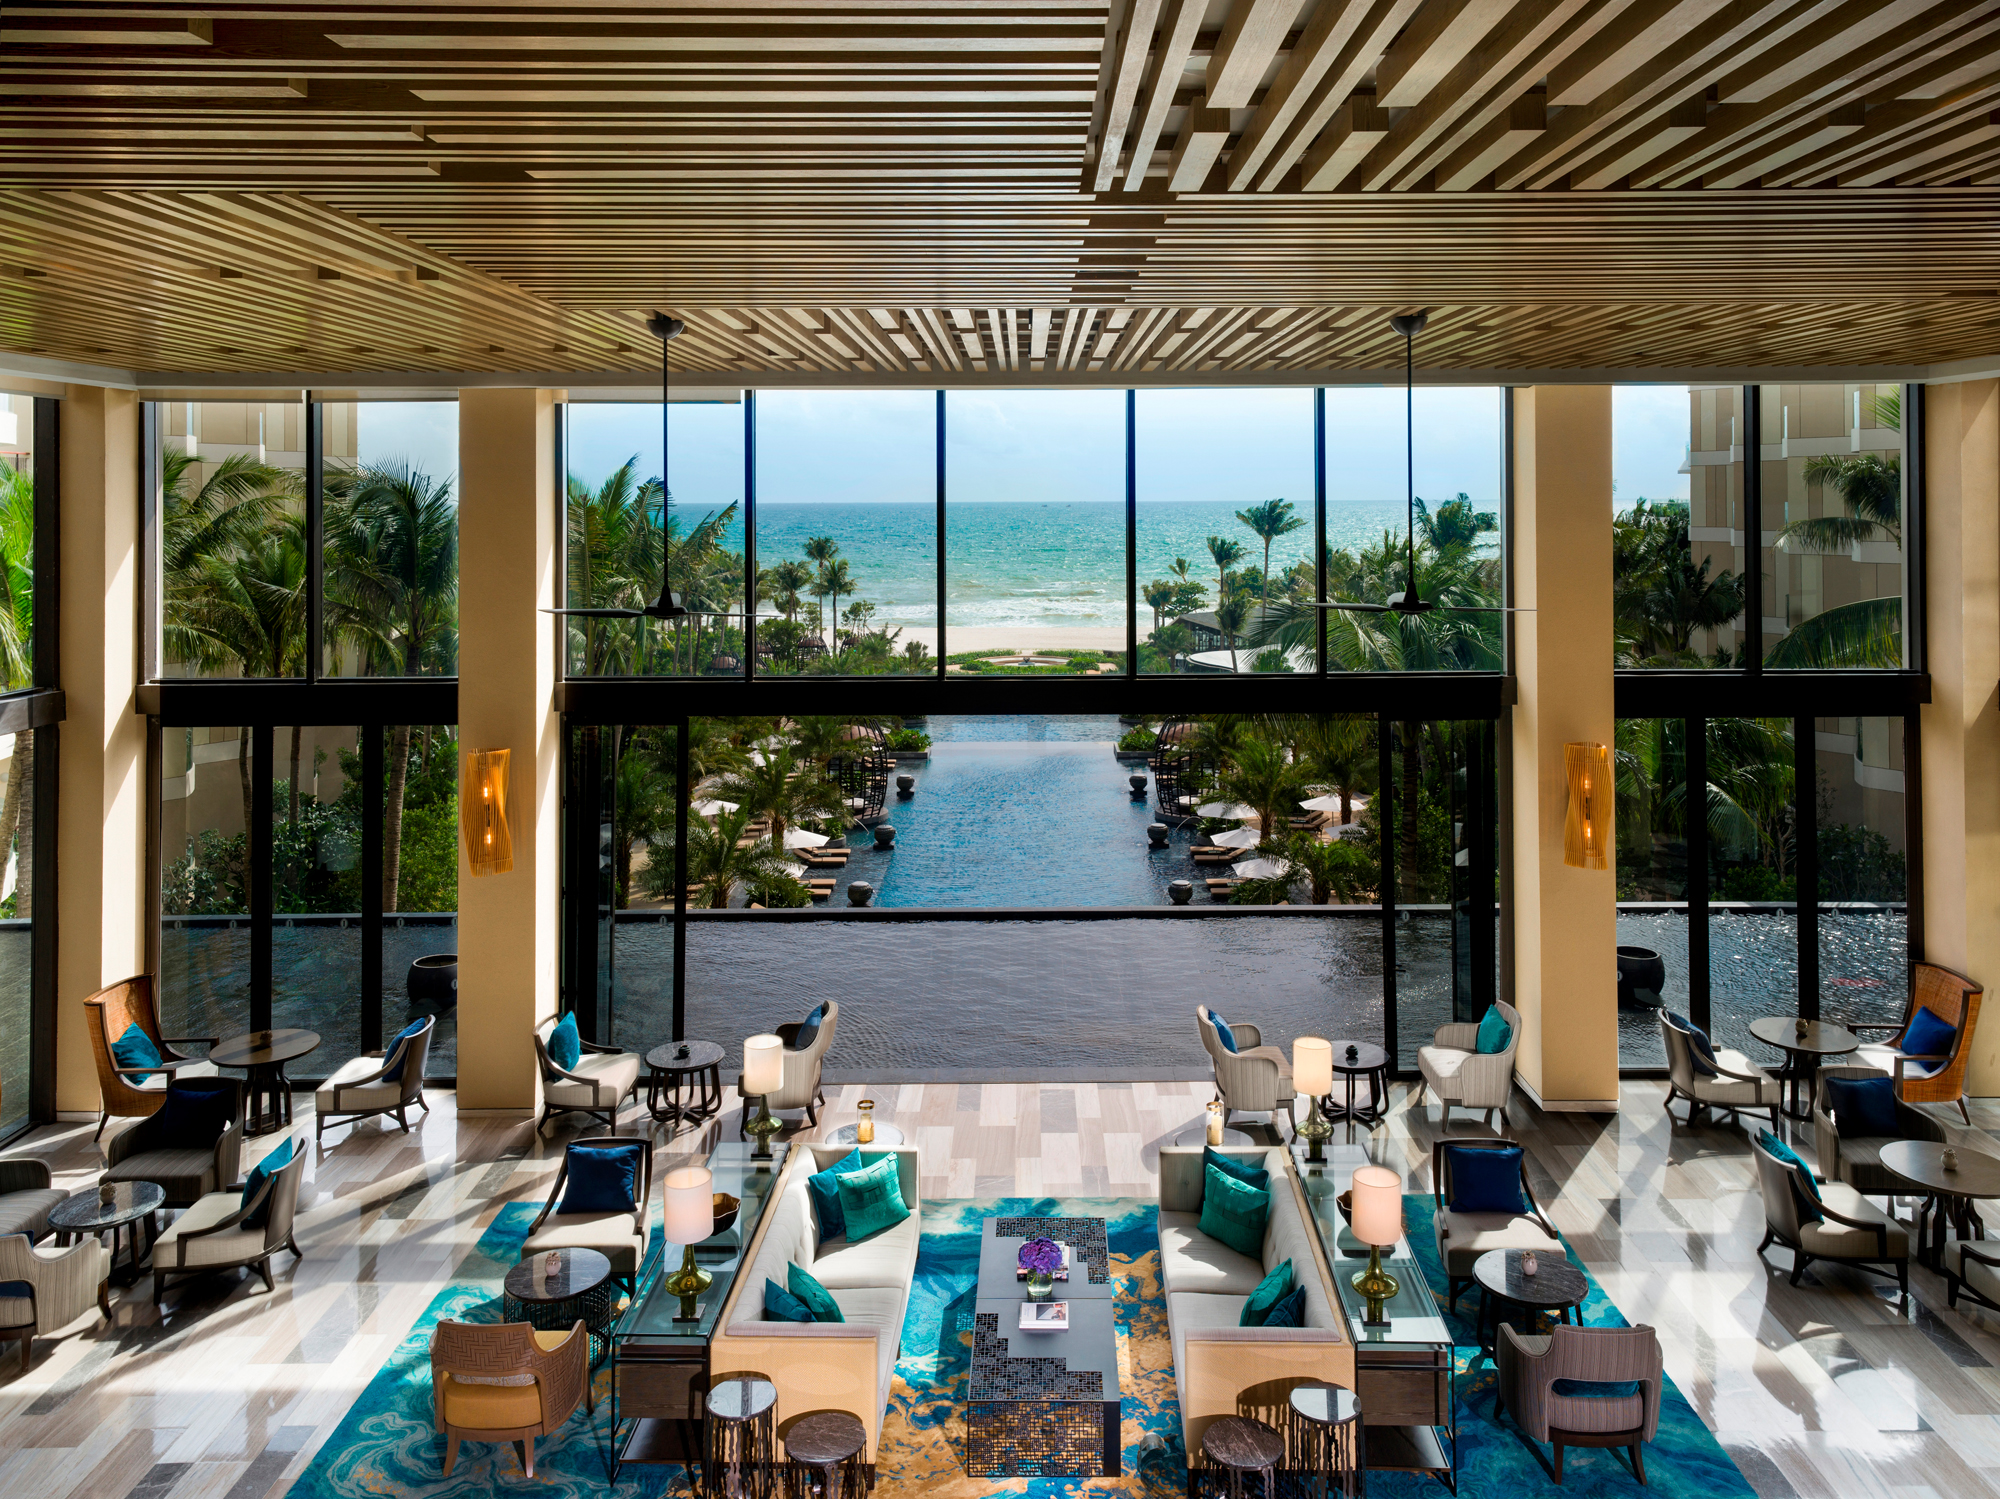 InterContinental Phu Quoc Long Beach Resort đạt cú đúp 3 giải thưởng danh giá tại WTA 2018